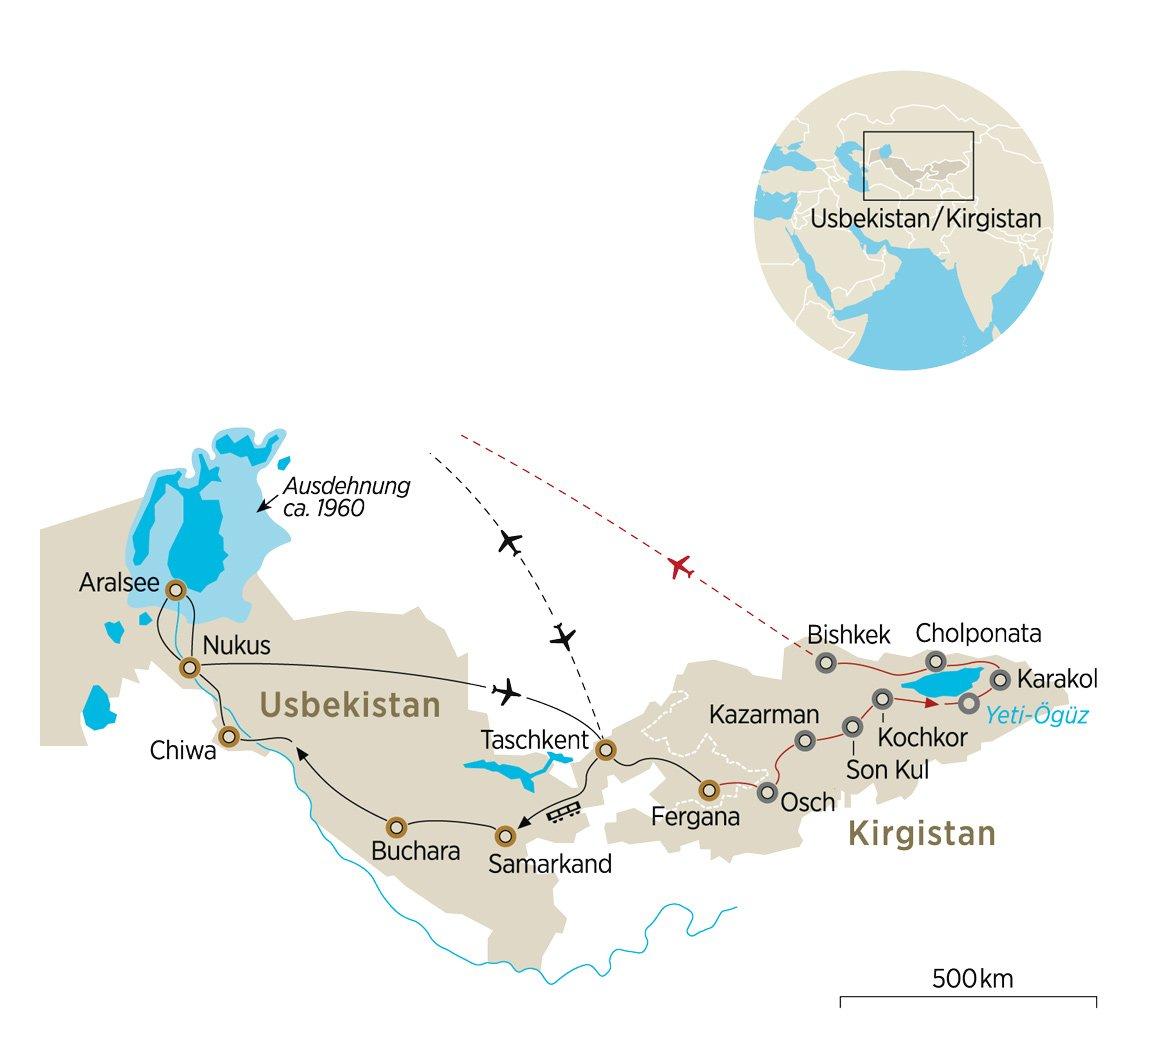 ASI-385_UsbekiKirgist_20